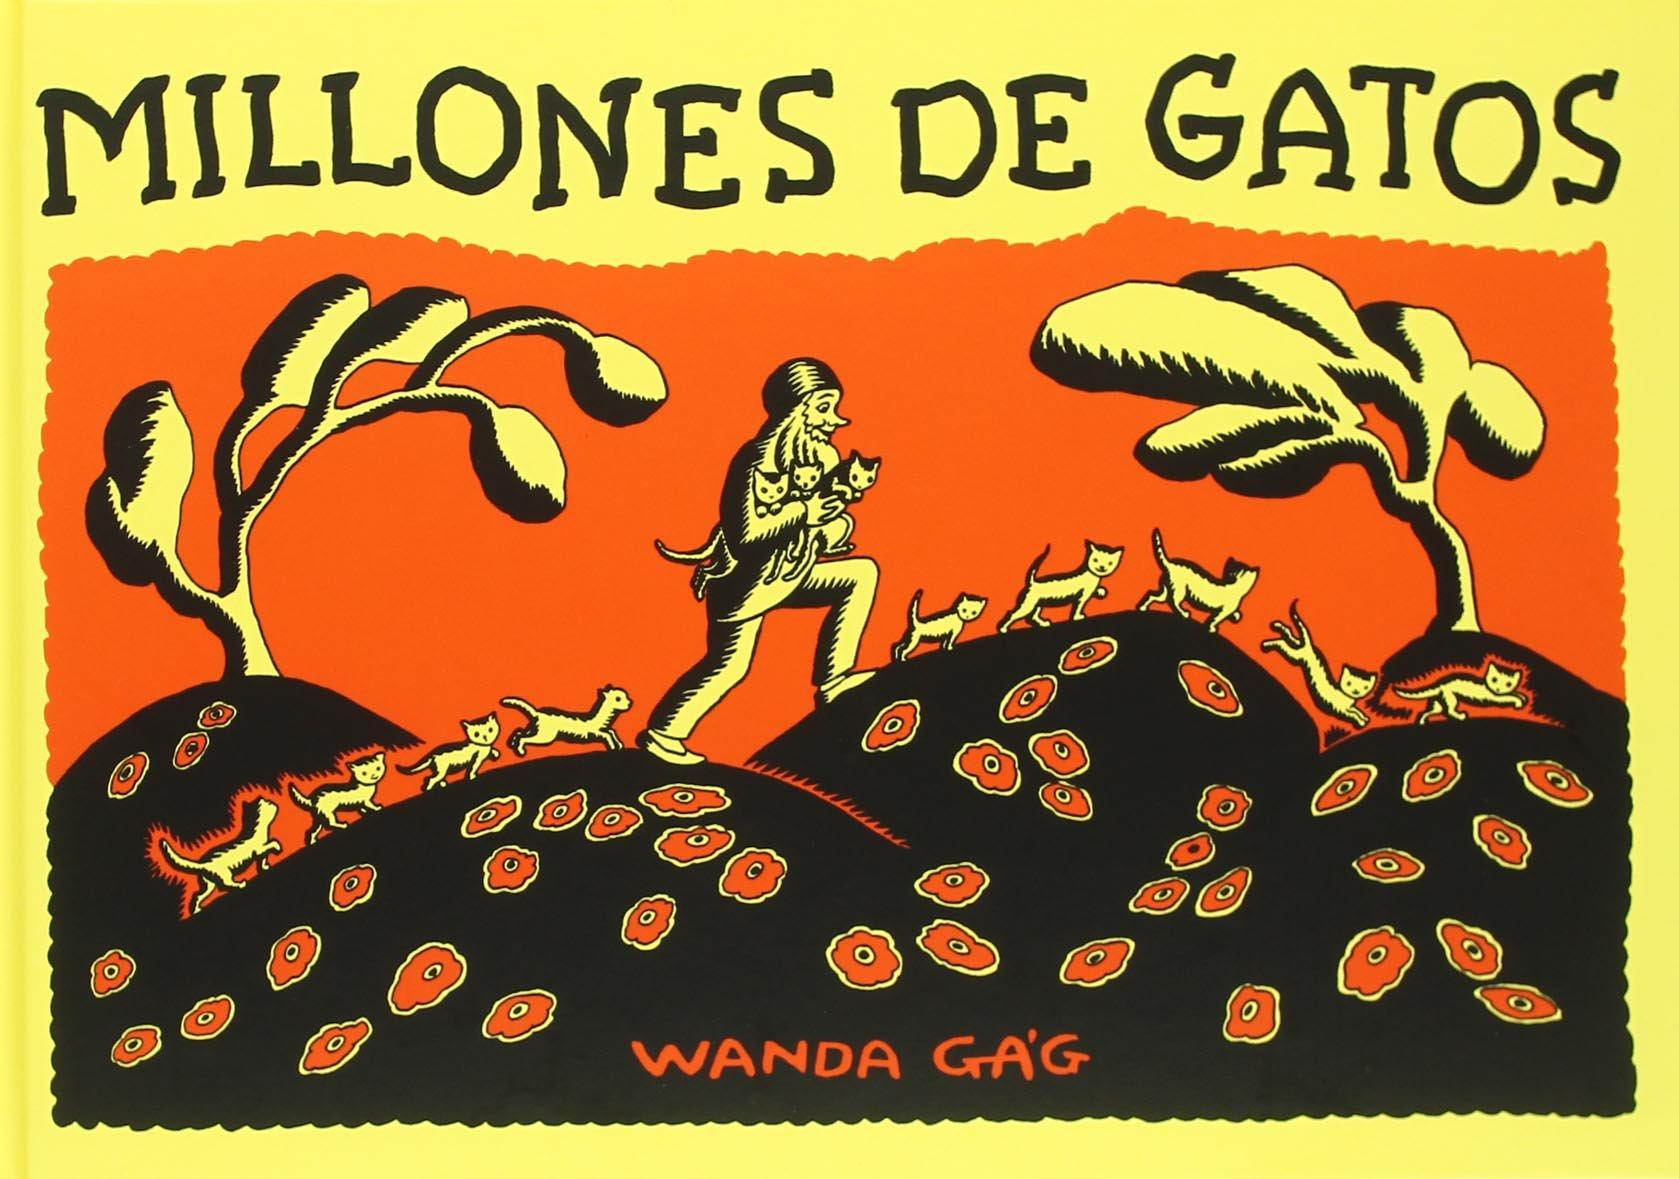 MILLONES DE GATOS